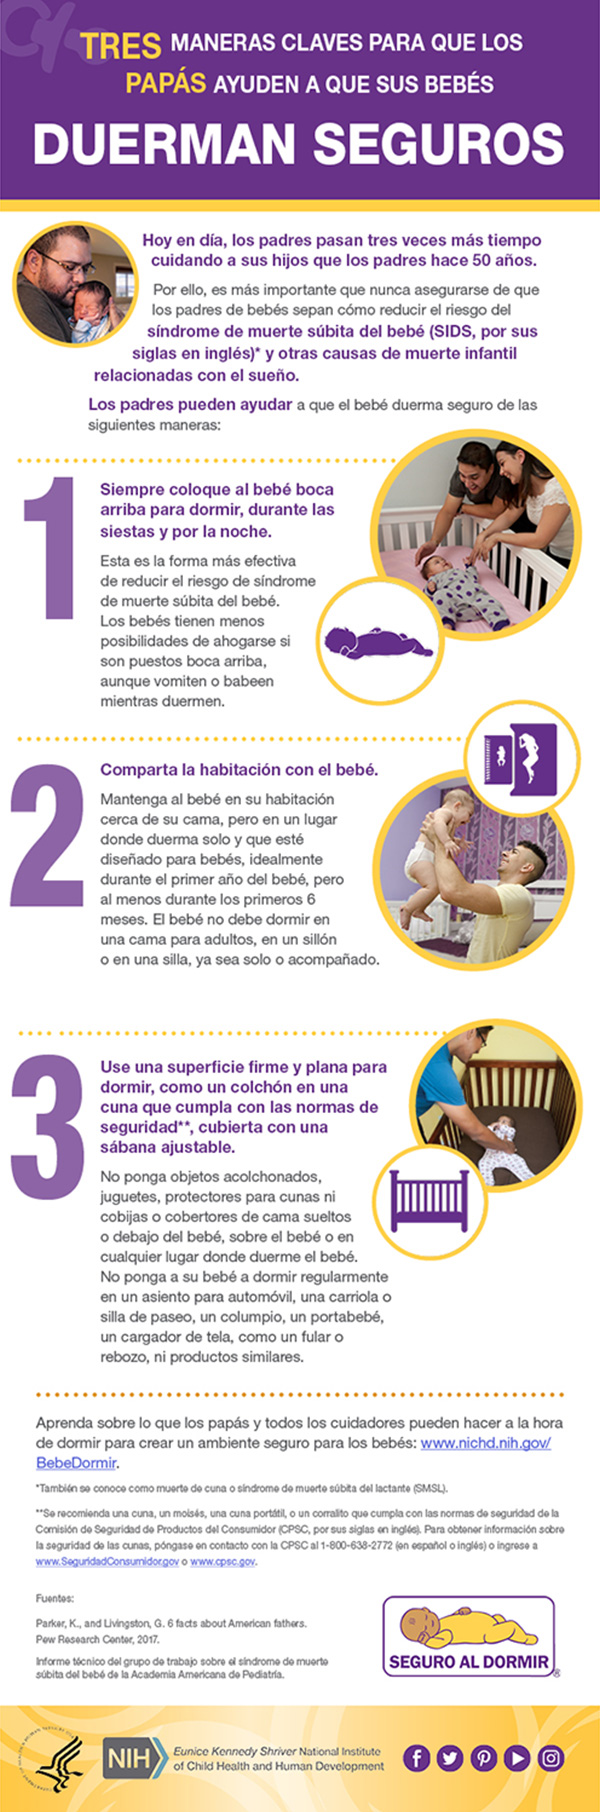 Esta infografía de la campaña Seguro al Dormir ayuda a que los papas mantengan a su bebe seguro al dormir